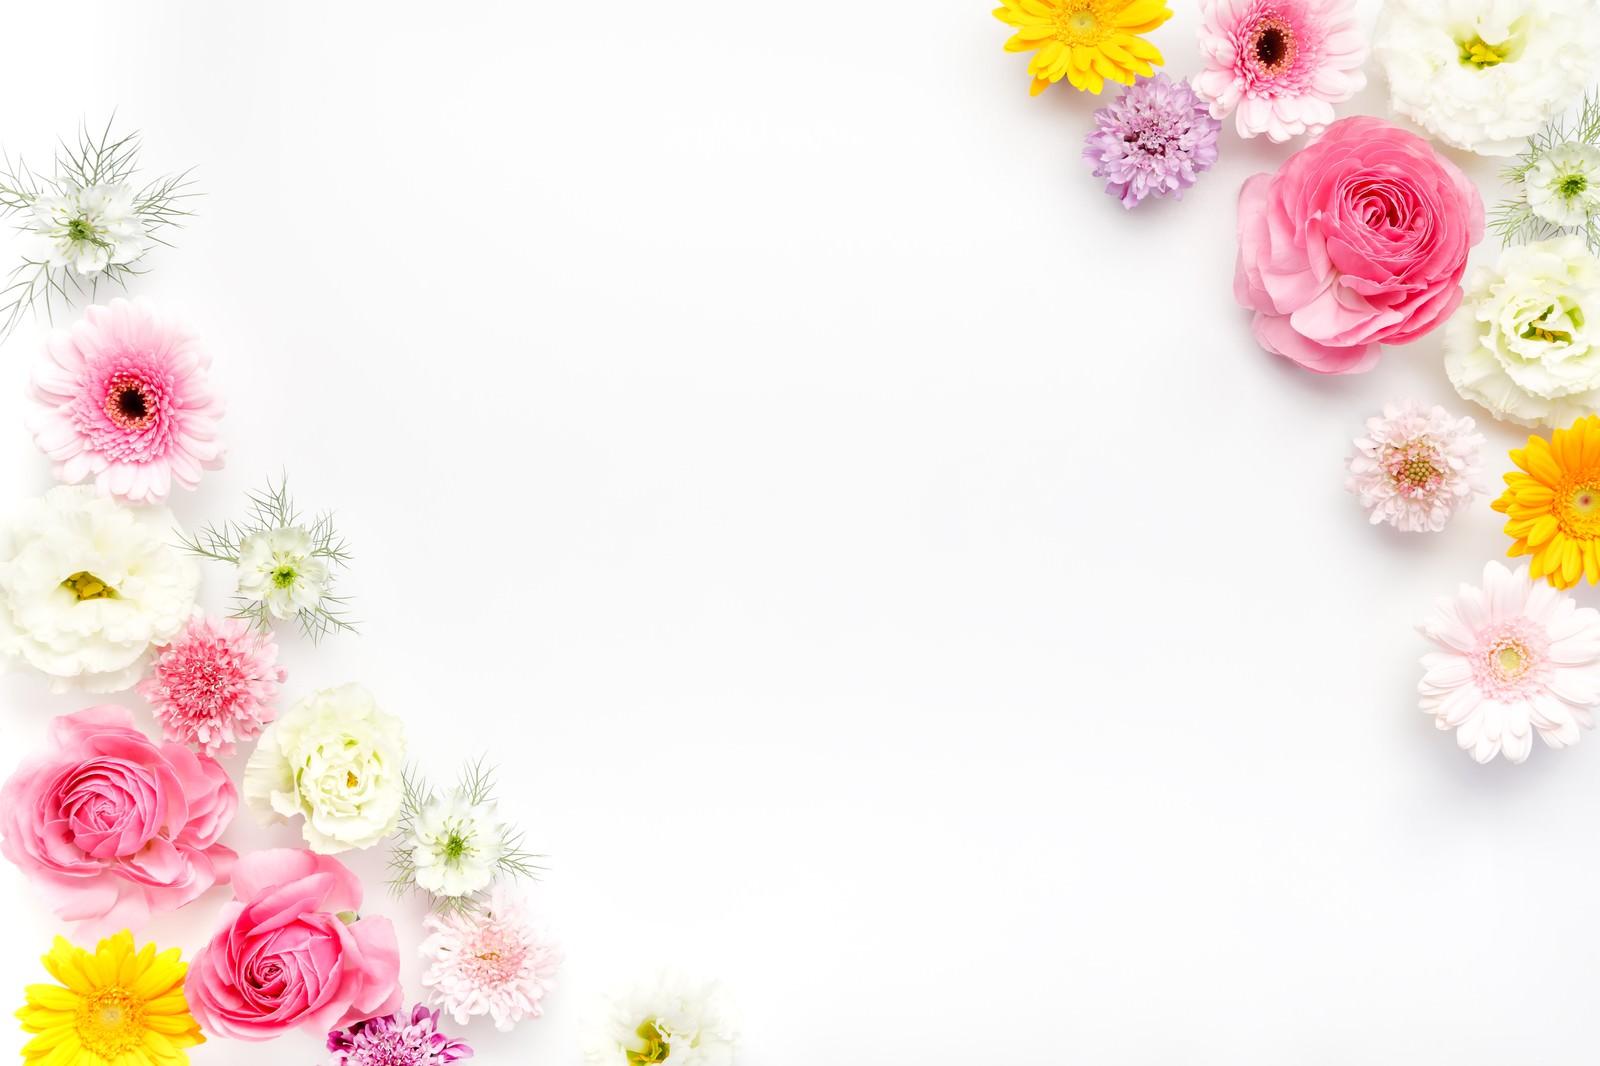 「フレーム・背景に使いやすい薔薇や生花フレーム・背景に使いやすい薔薇や生花」のフリー写真素材を拡大